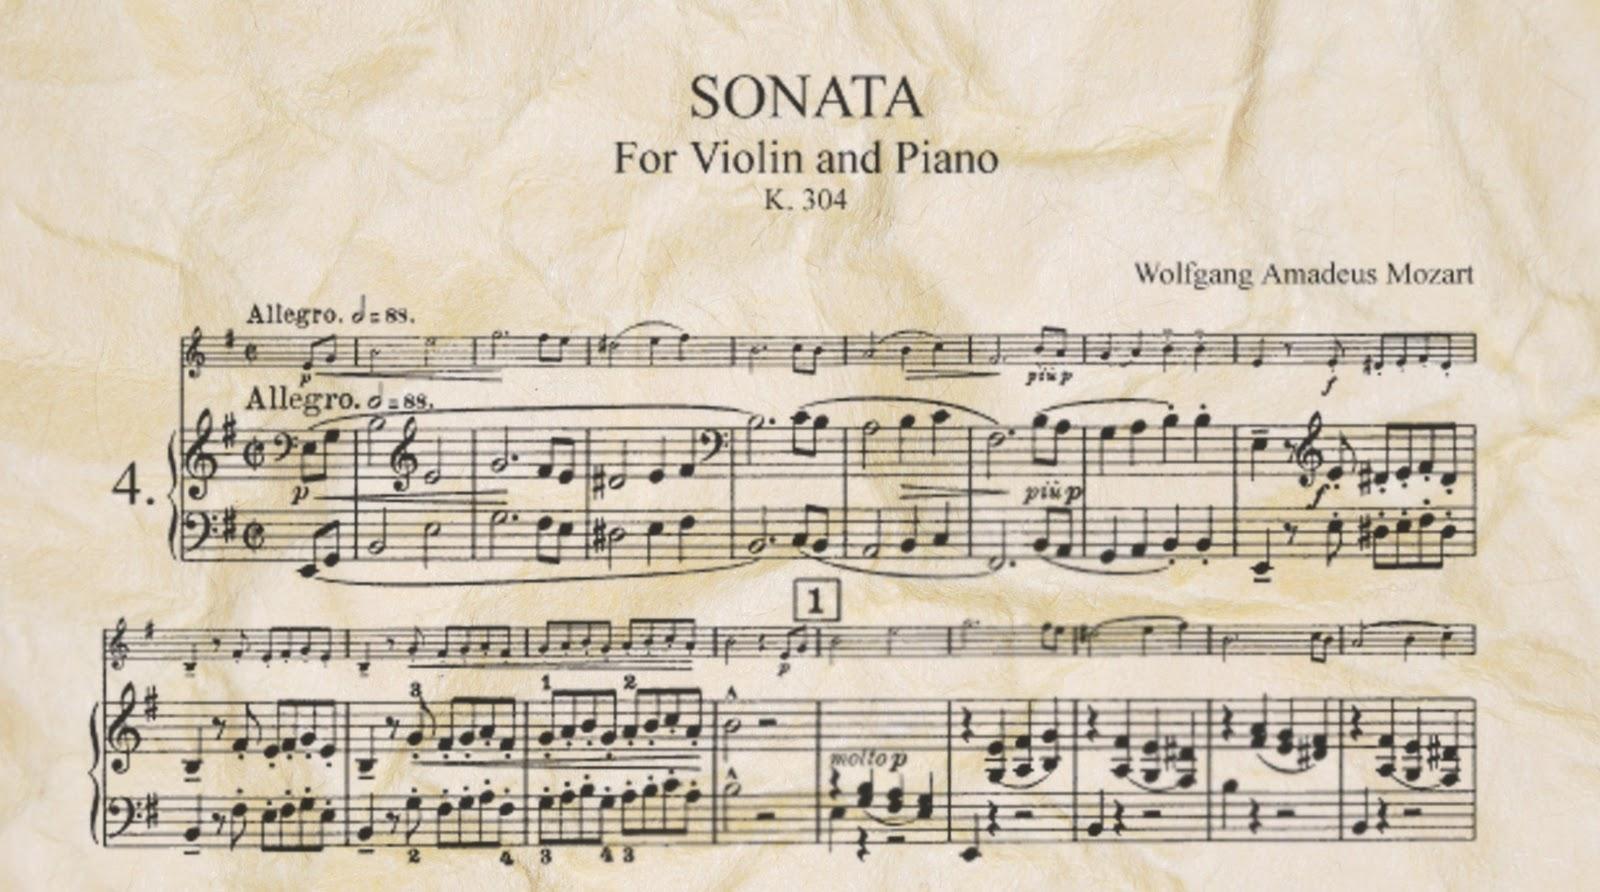 Tono menor m sica cl sica forma sonata - Epoca del clasicismo ...